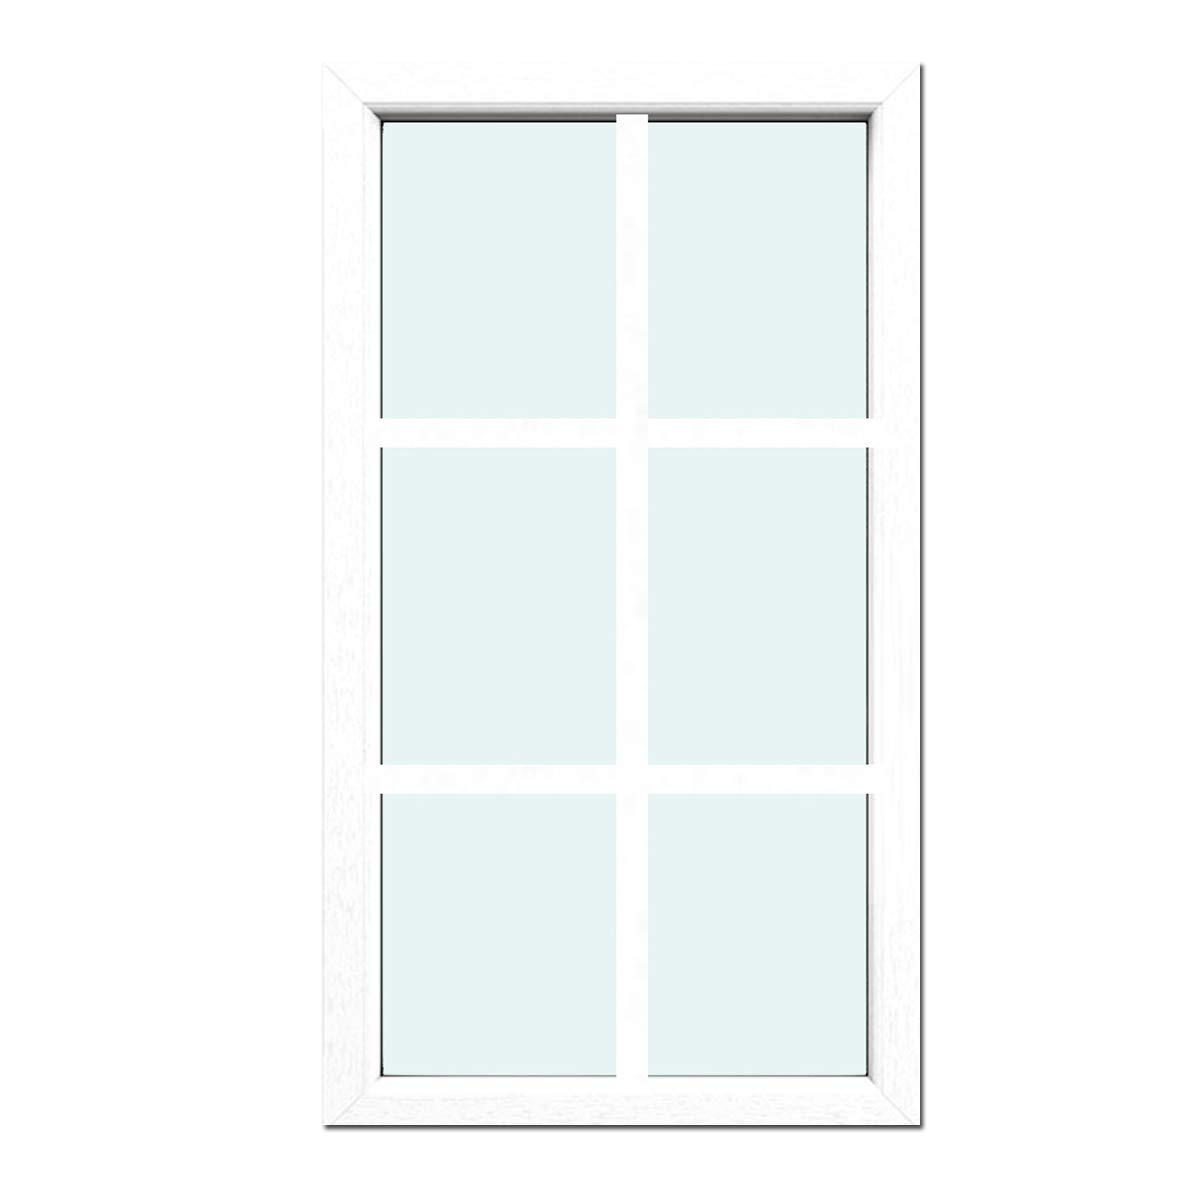 BxH:1000x1300 Sprossenfenster Typ 6 Felder Wei/ß 1 flg Glas:2-Fach Festverglasung mit 26mm SZR Sprosse